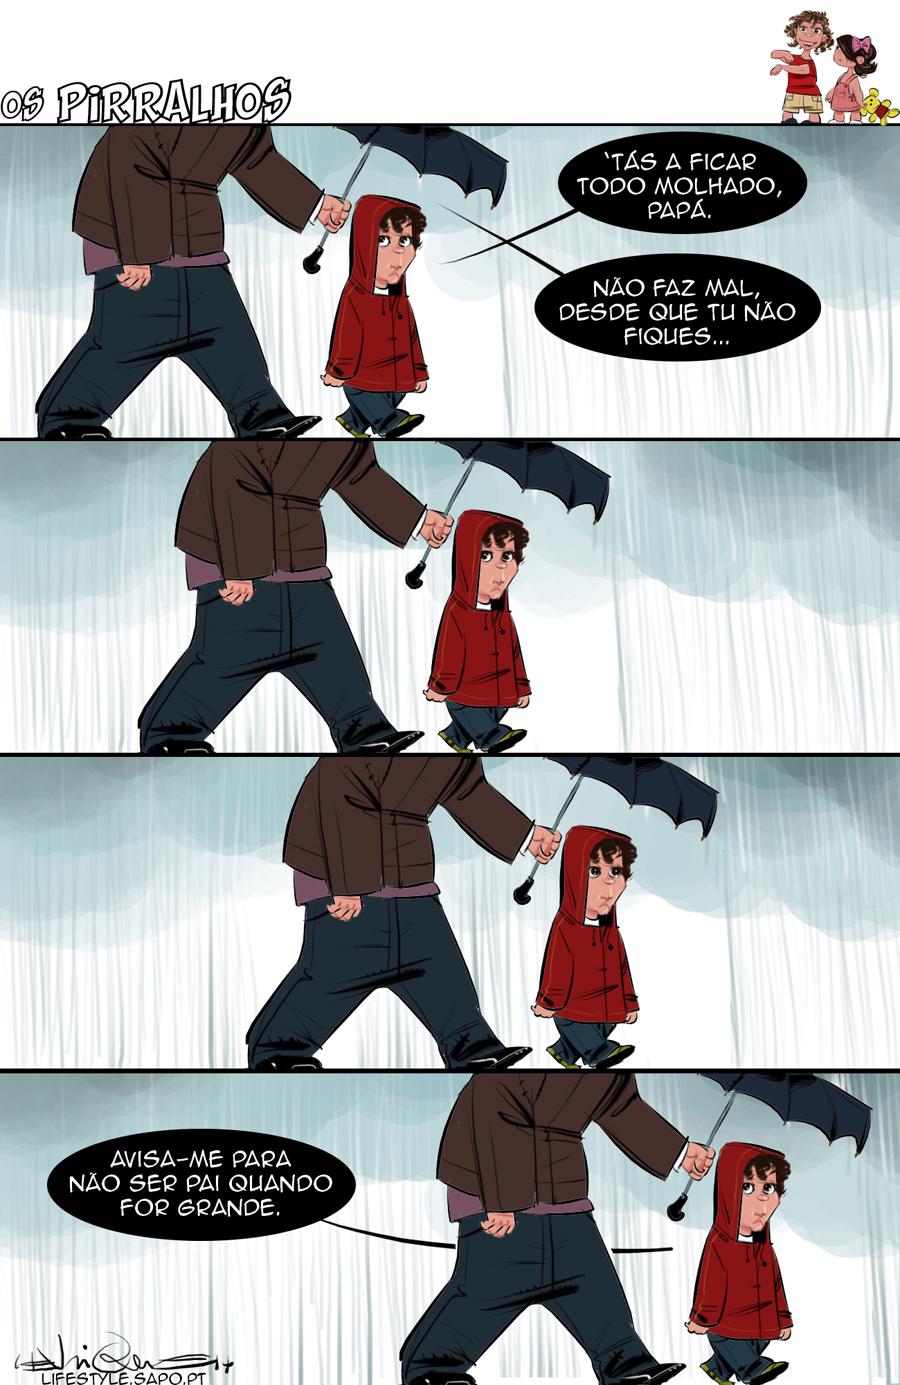 Tá de chuva